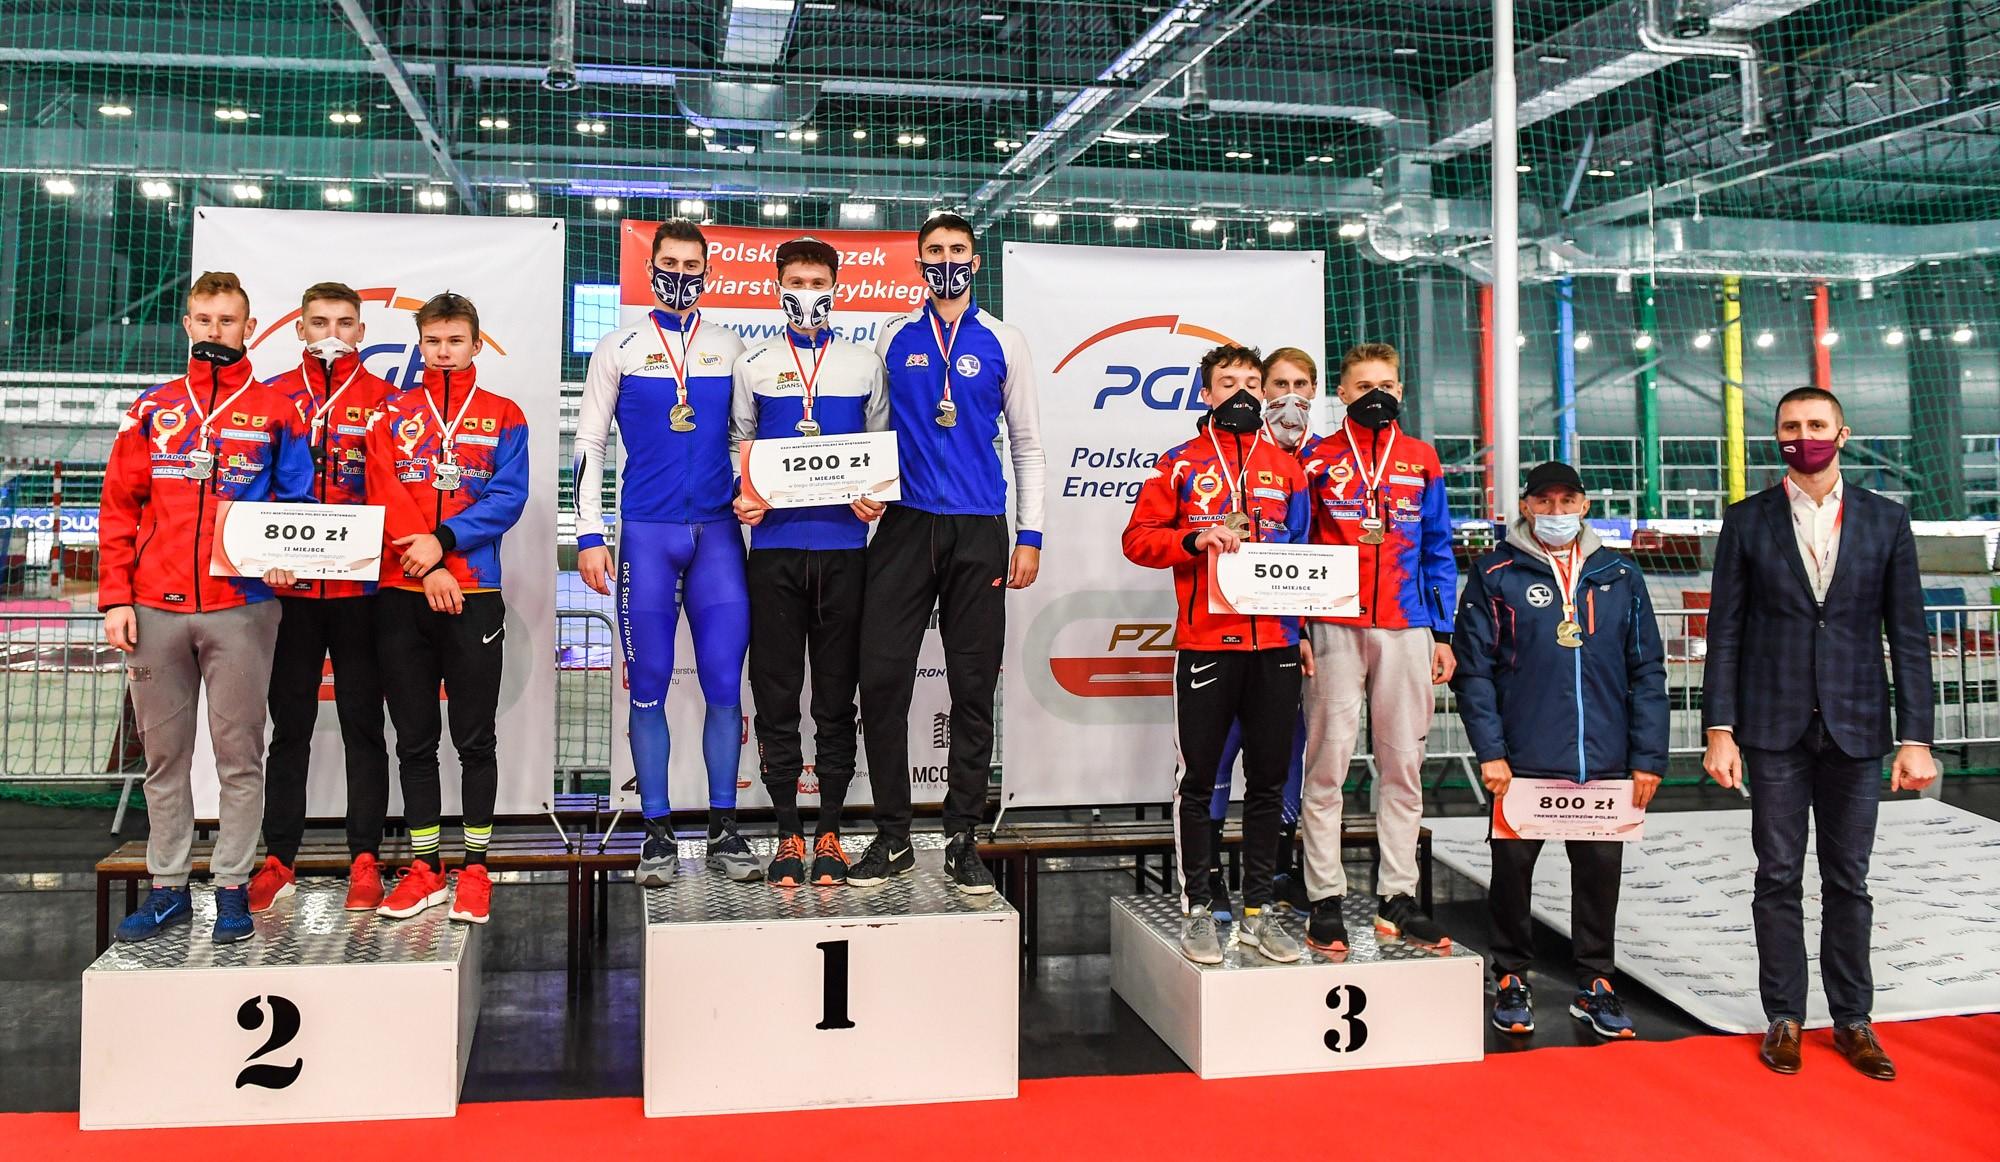 Wielki sukces łyżwiarzy Stoczniowca w mistrzostwach Polski w łyżwiarstwie szybkim